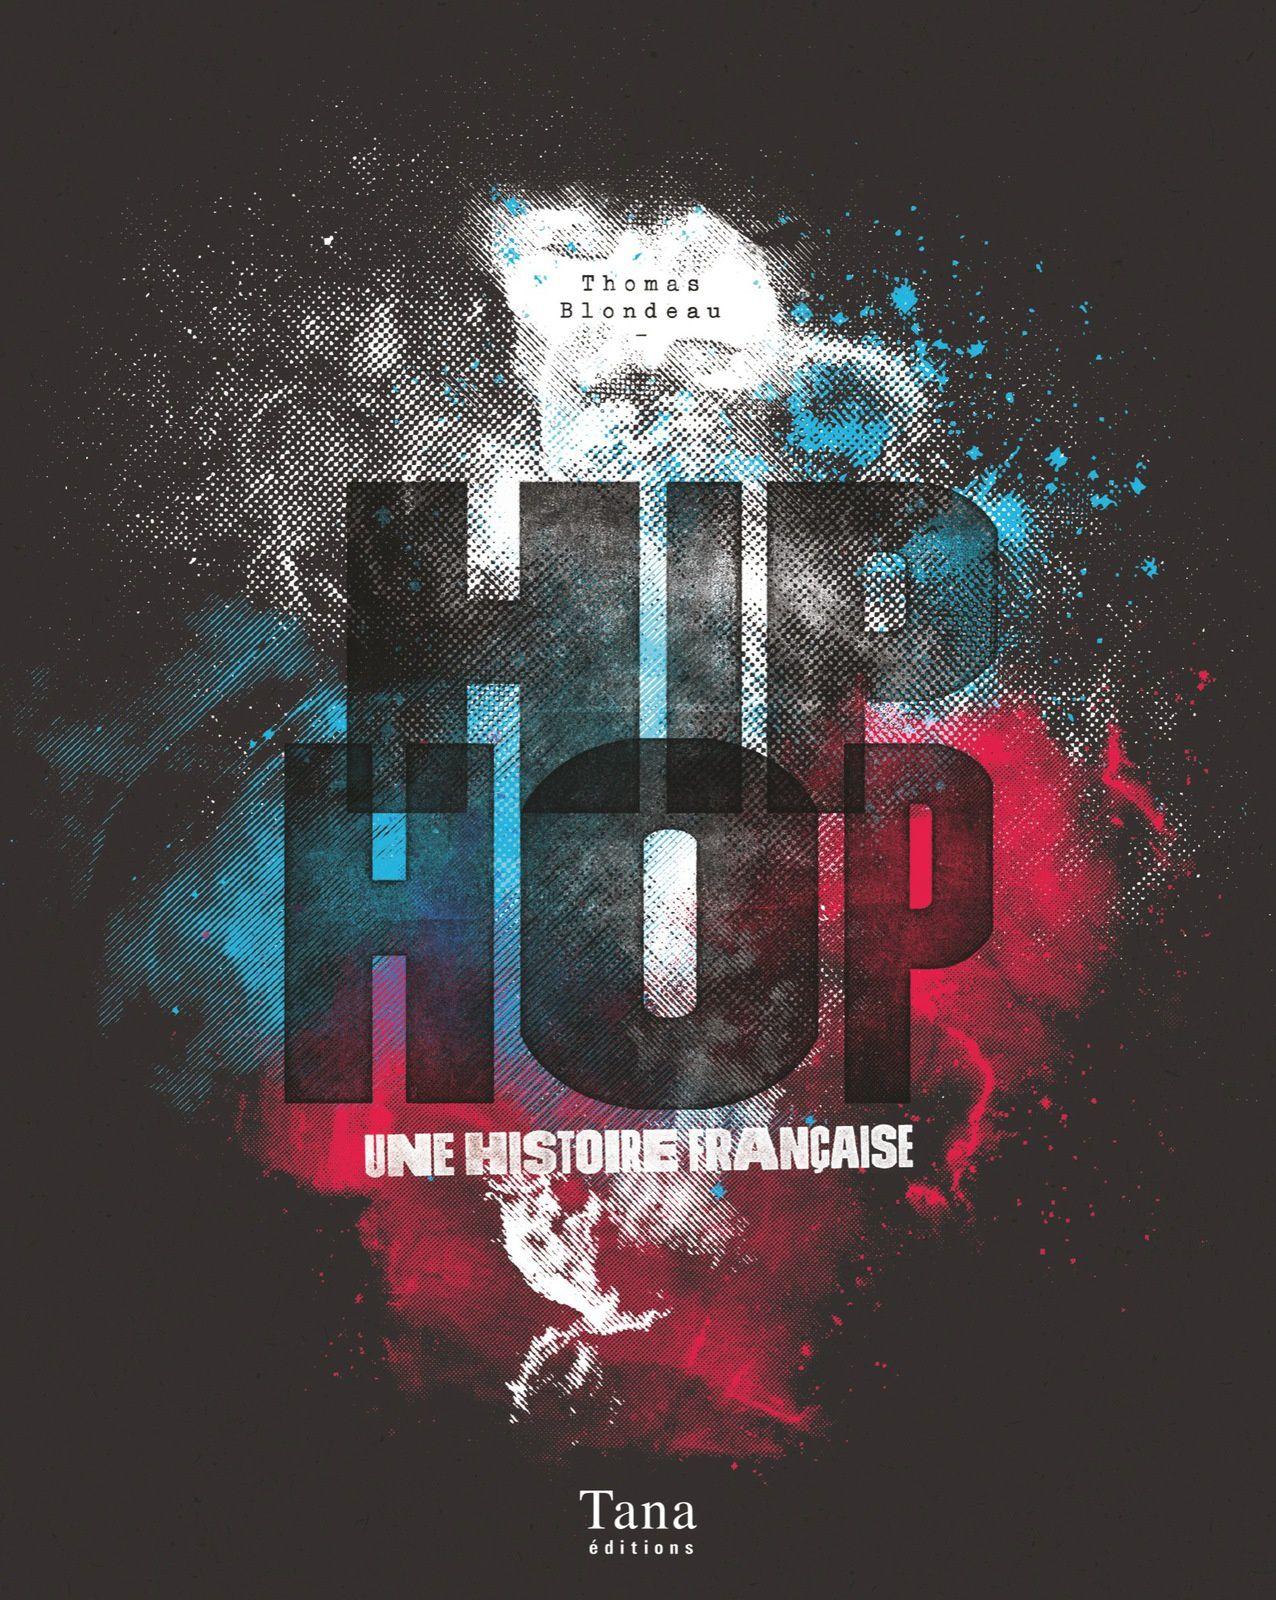 [REVUE LIVRE MUSIQUE] HIP HOP: Une Histoire Française de Thomas BLONDEAU chez TANA EDITIONS